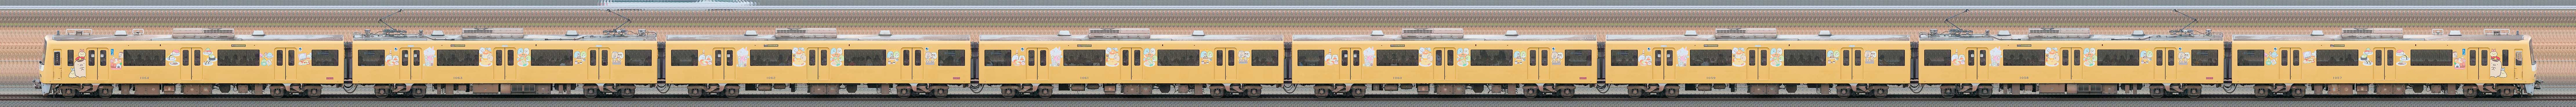 京急電鉄 新1000形(4次車)1057編成「京急イエローハッピートレイン たべものもぐもぐ号」(山側)の編成サイドビュー